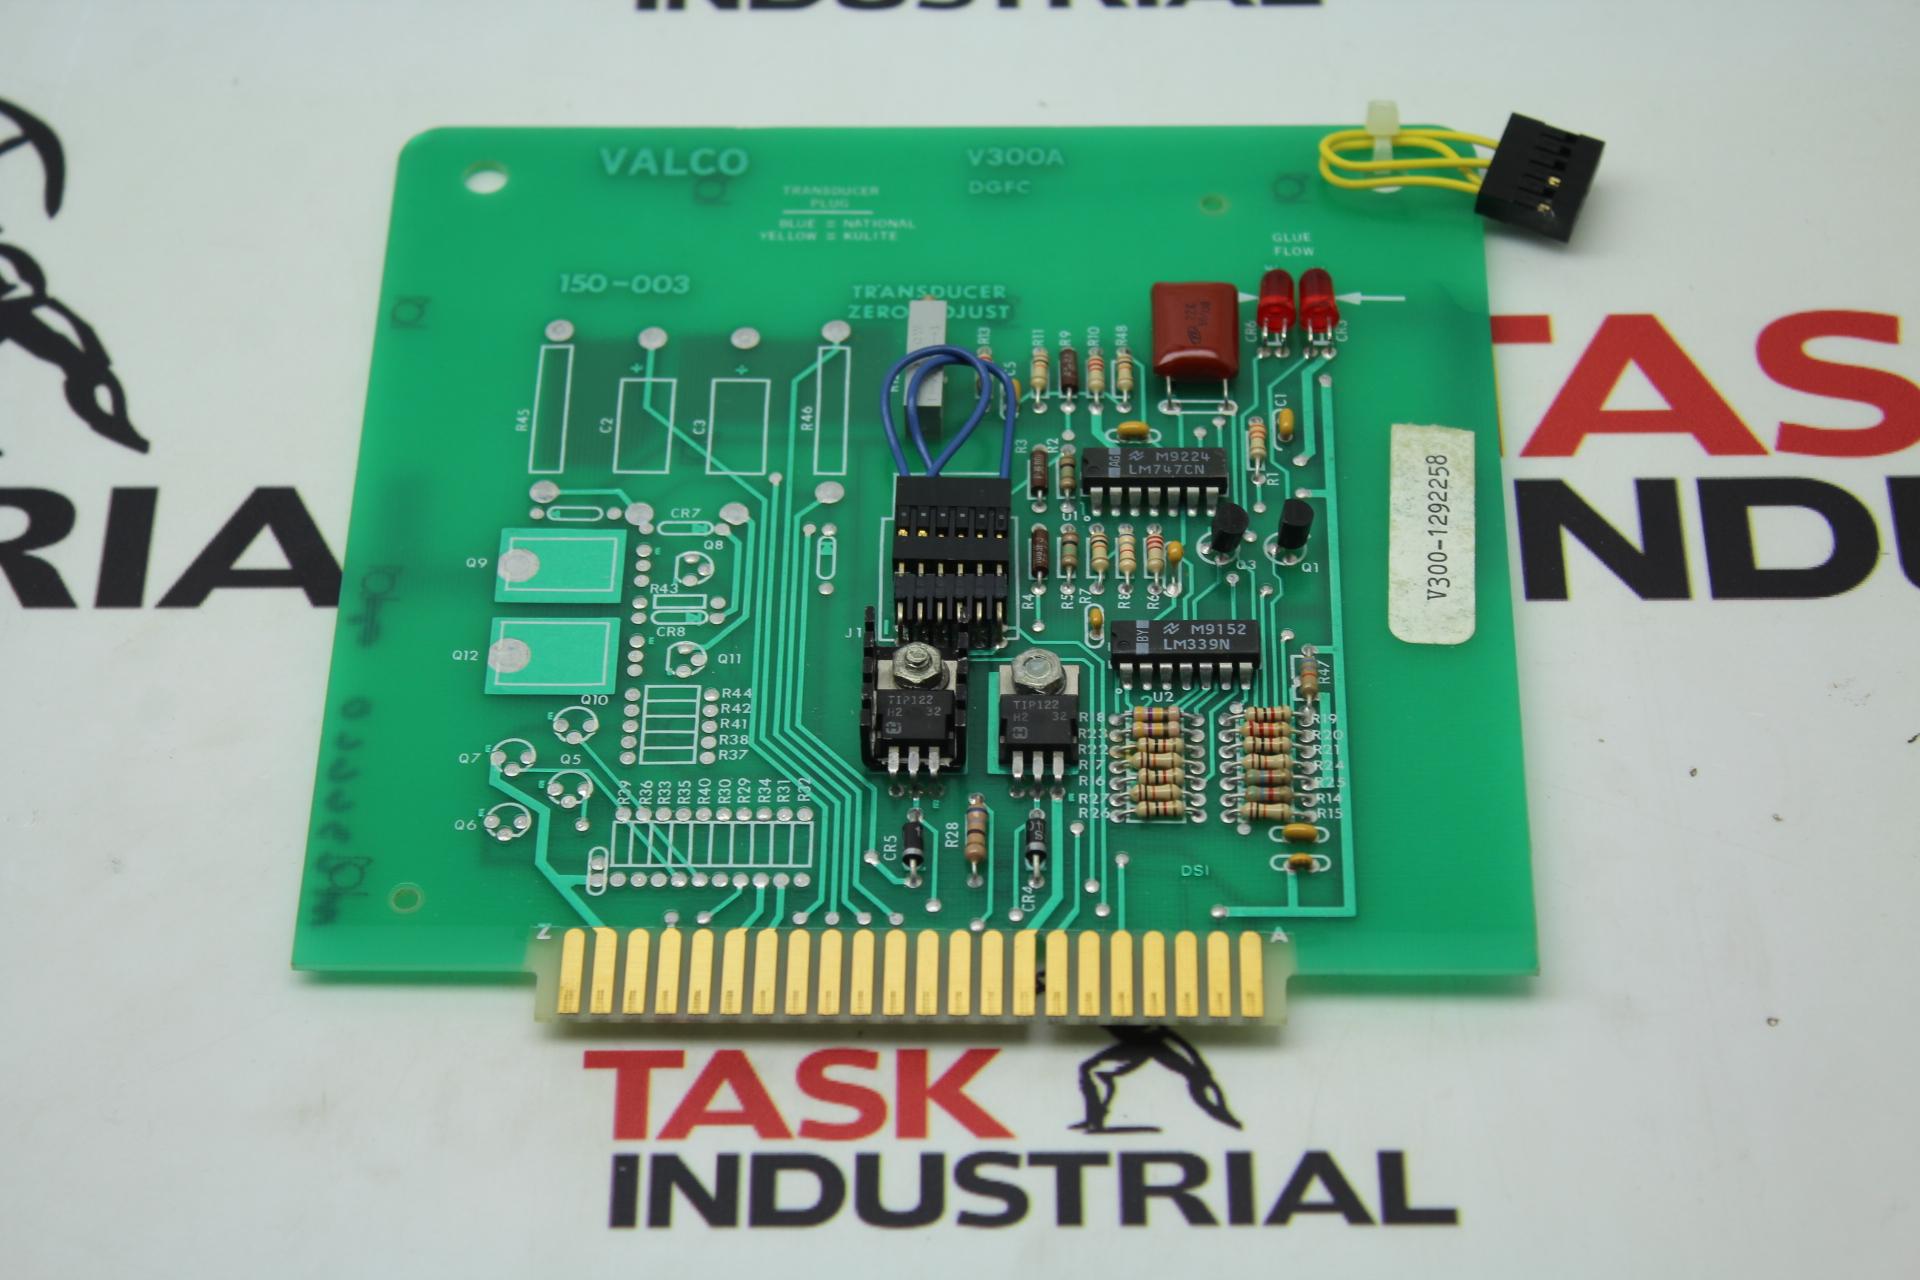 Valco V300A Circuit Board 150-003